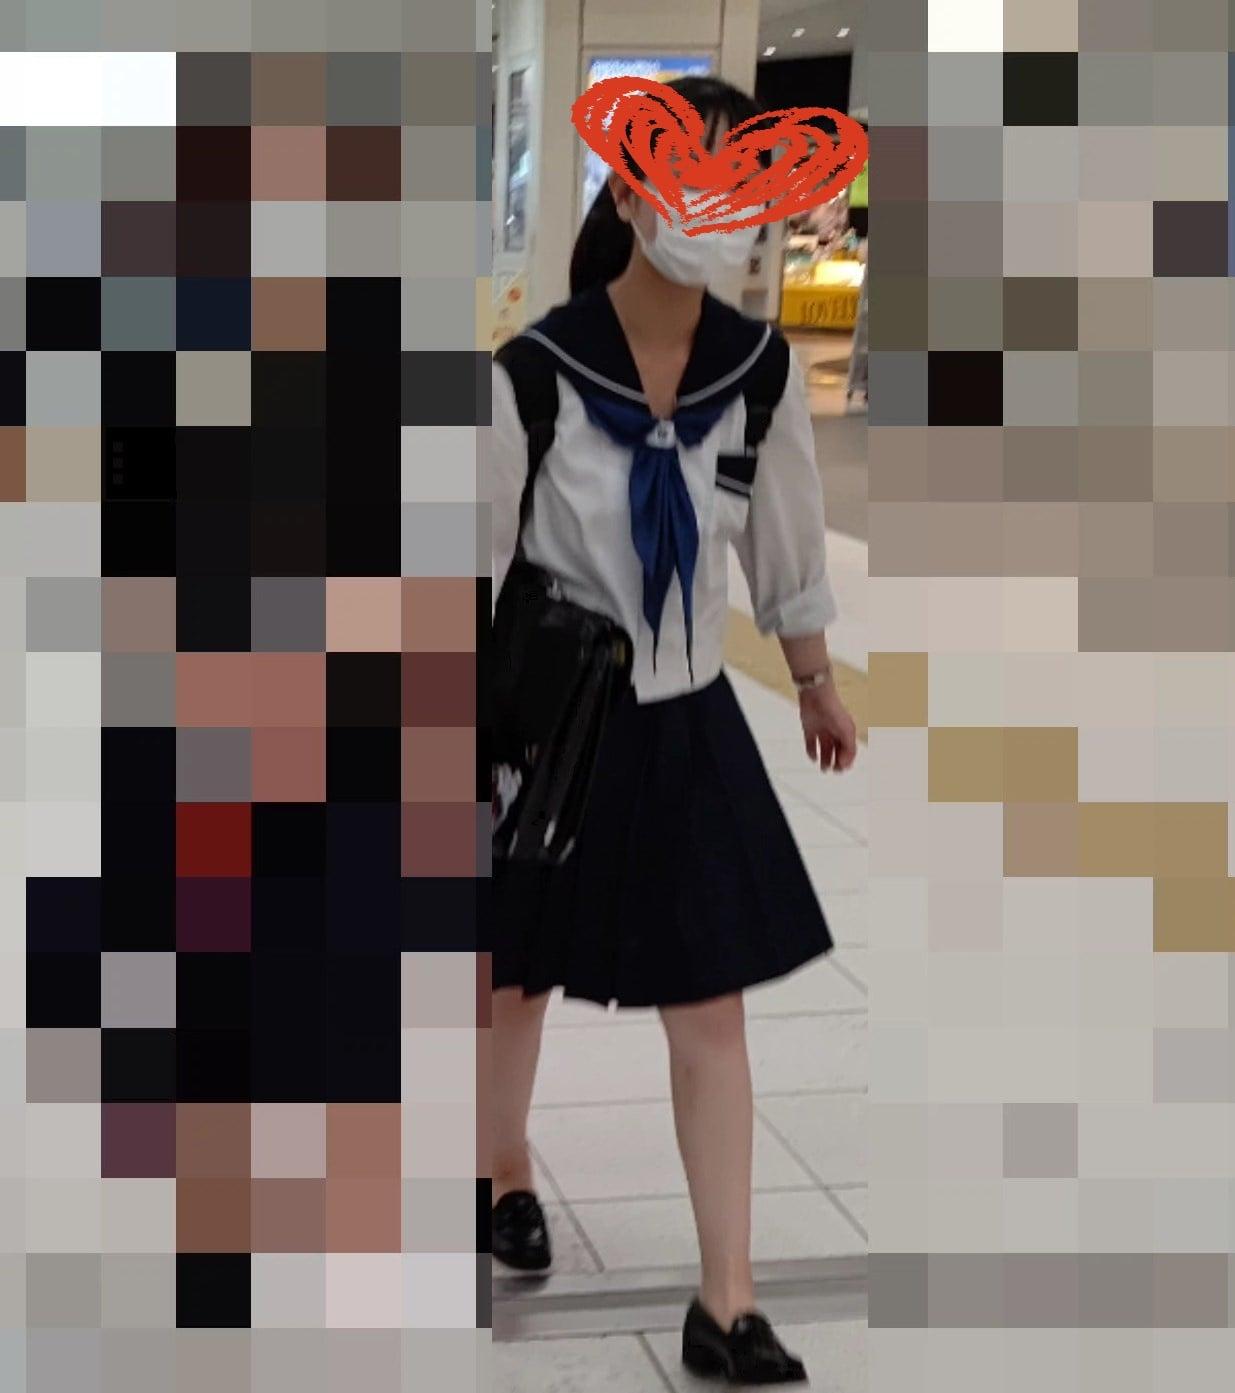 愛の戦士007~ストーキングJK(優等生ガール)~画像つき詳細レビュー